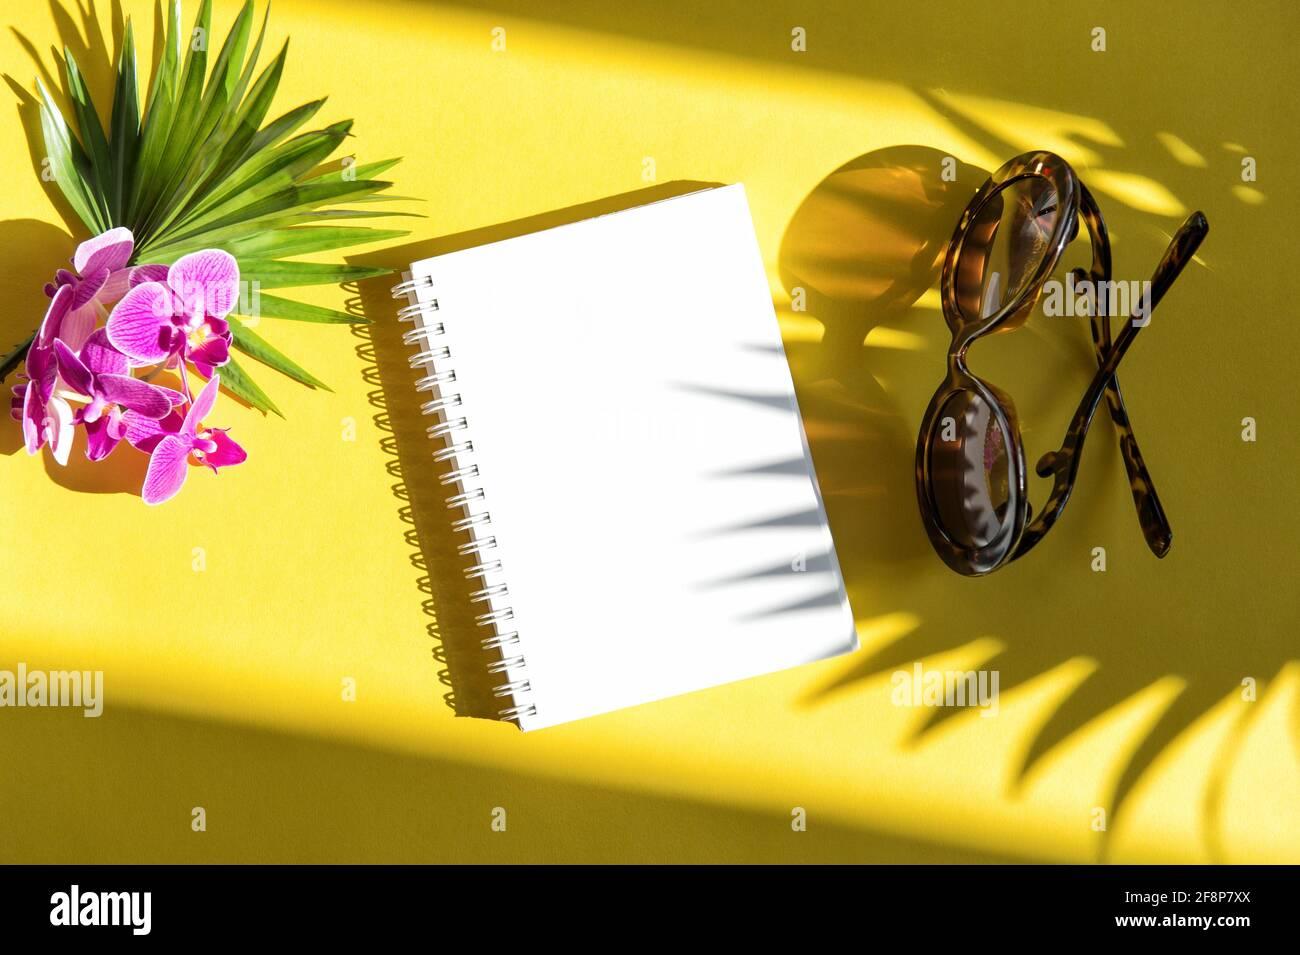 Eté plat avec ombre. Carnet, lunettes de soleil, feuille de palmier, fleur d'orchidée sur fond jaune Banque D'Images